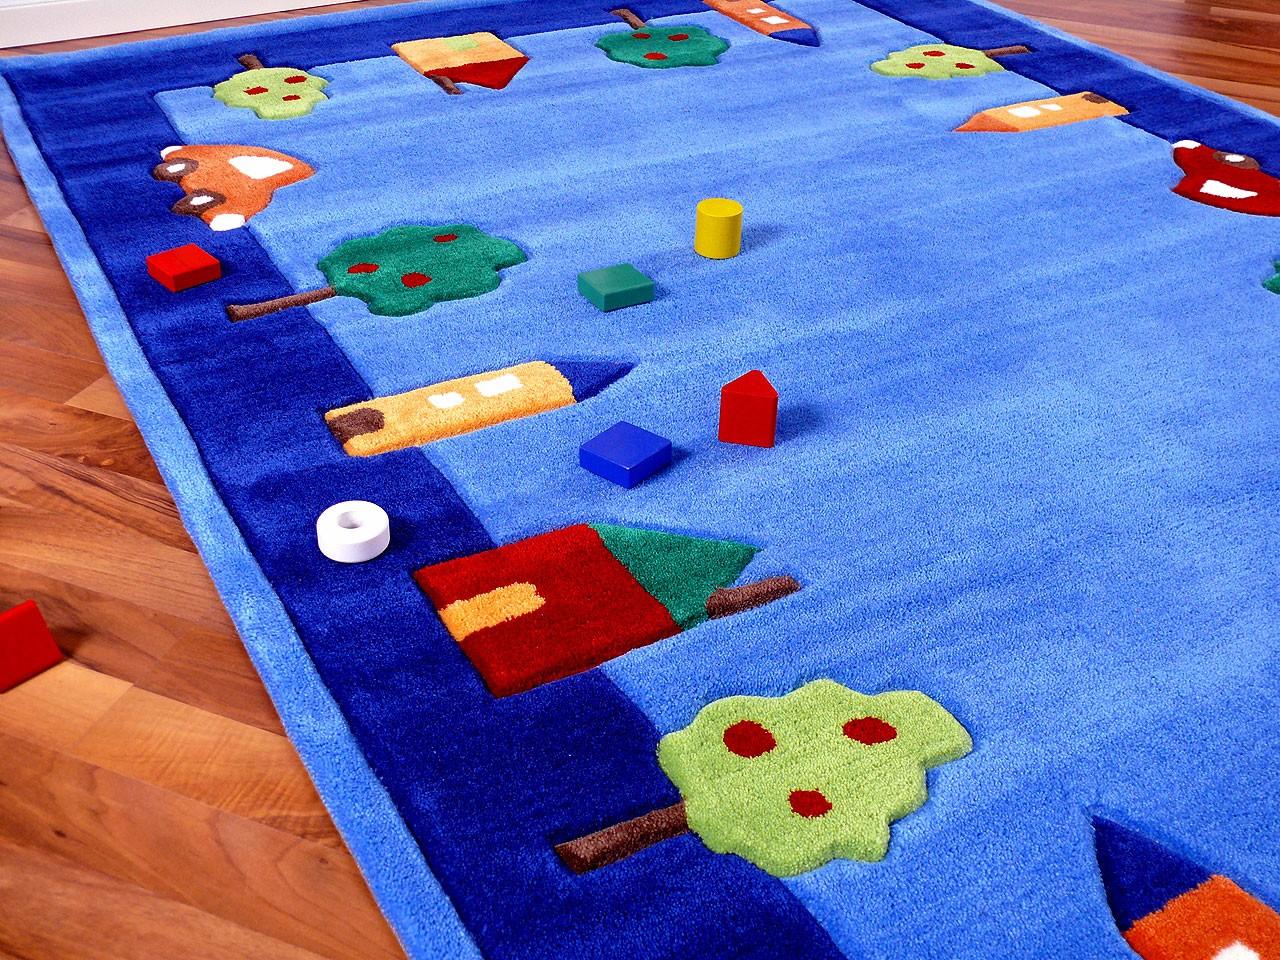 Lifestyle Kinderteppich Spielwelt Blau !!! Sofort ...